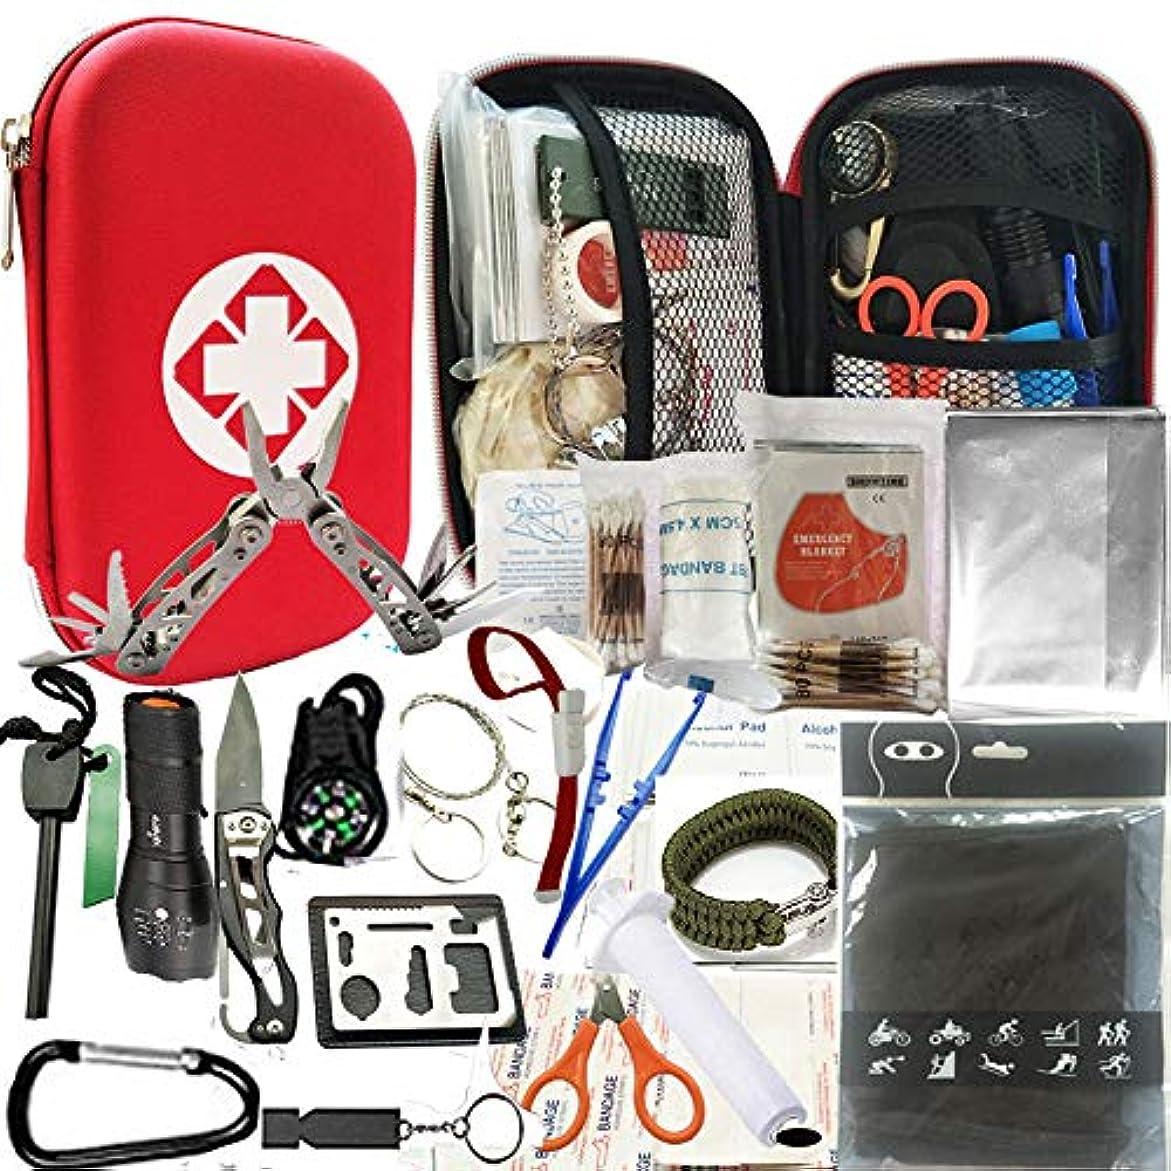 拒絶するベーカリー保険hosum 救急セット ファーストエイド キット 災害 登山 アウトドア サバイバル 旅行 自宅 携帯用 緊急応急 救急箱